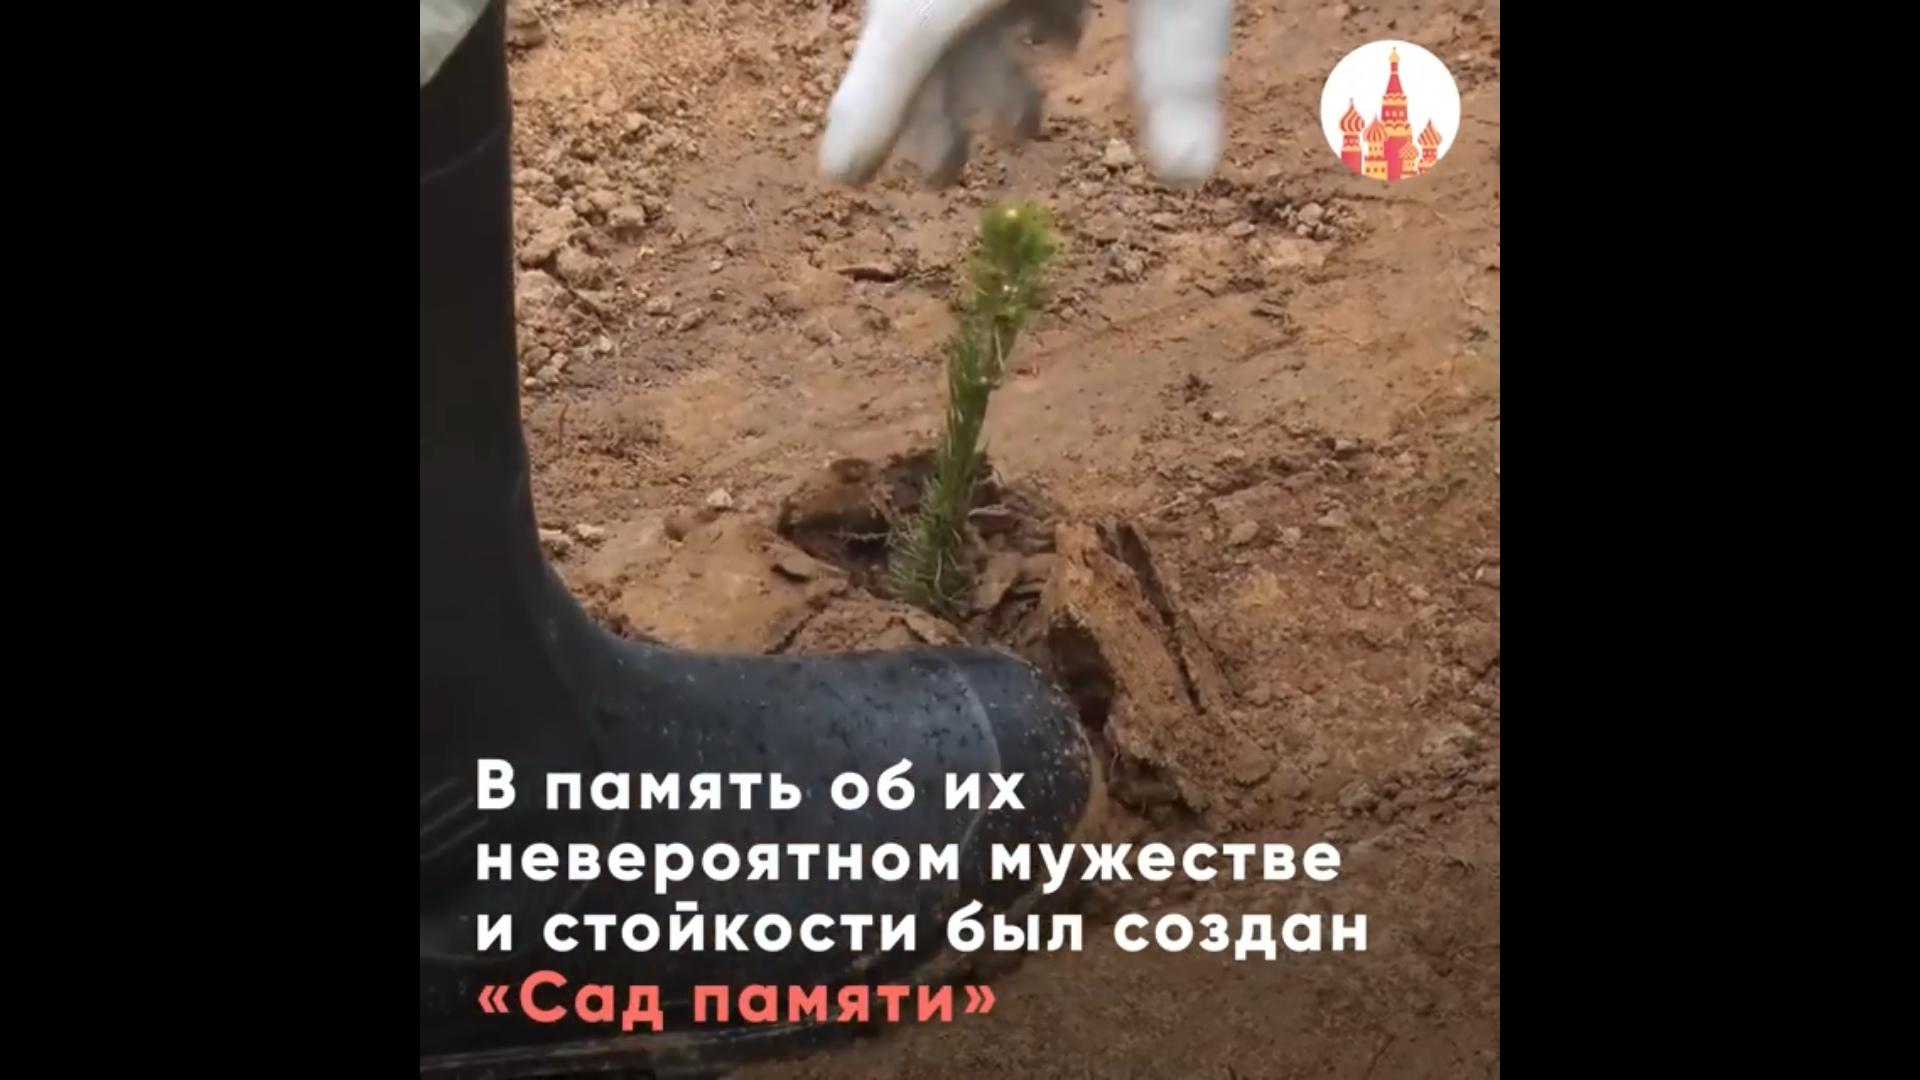 Роман Колесов: ярославцы могут принять участие в акции «Сад памяти» в режиме онлайн